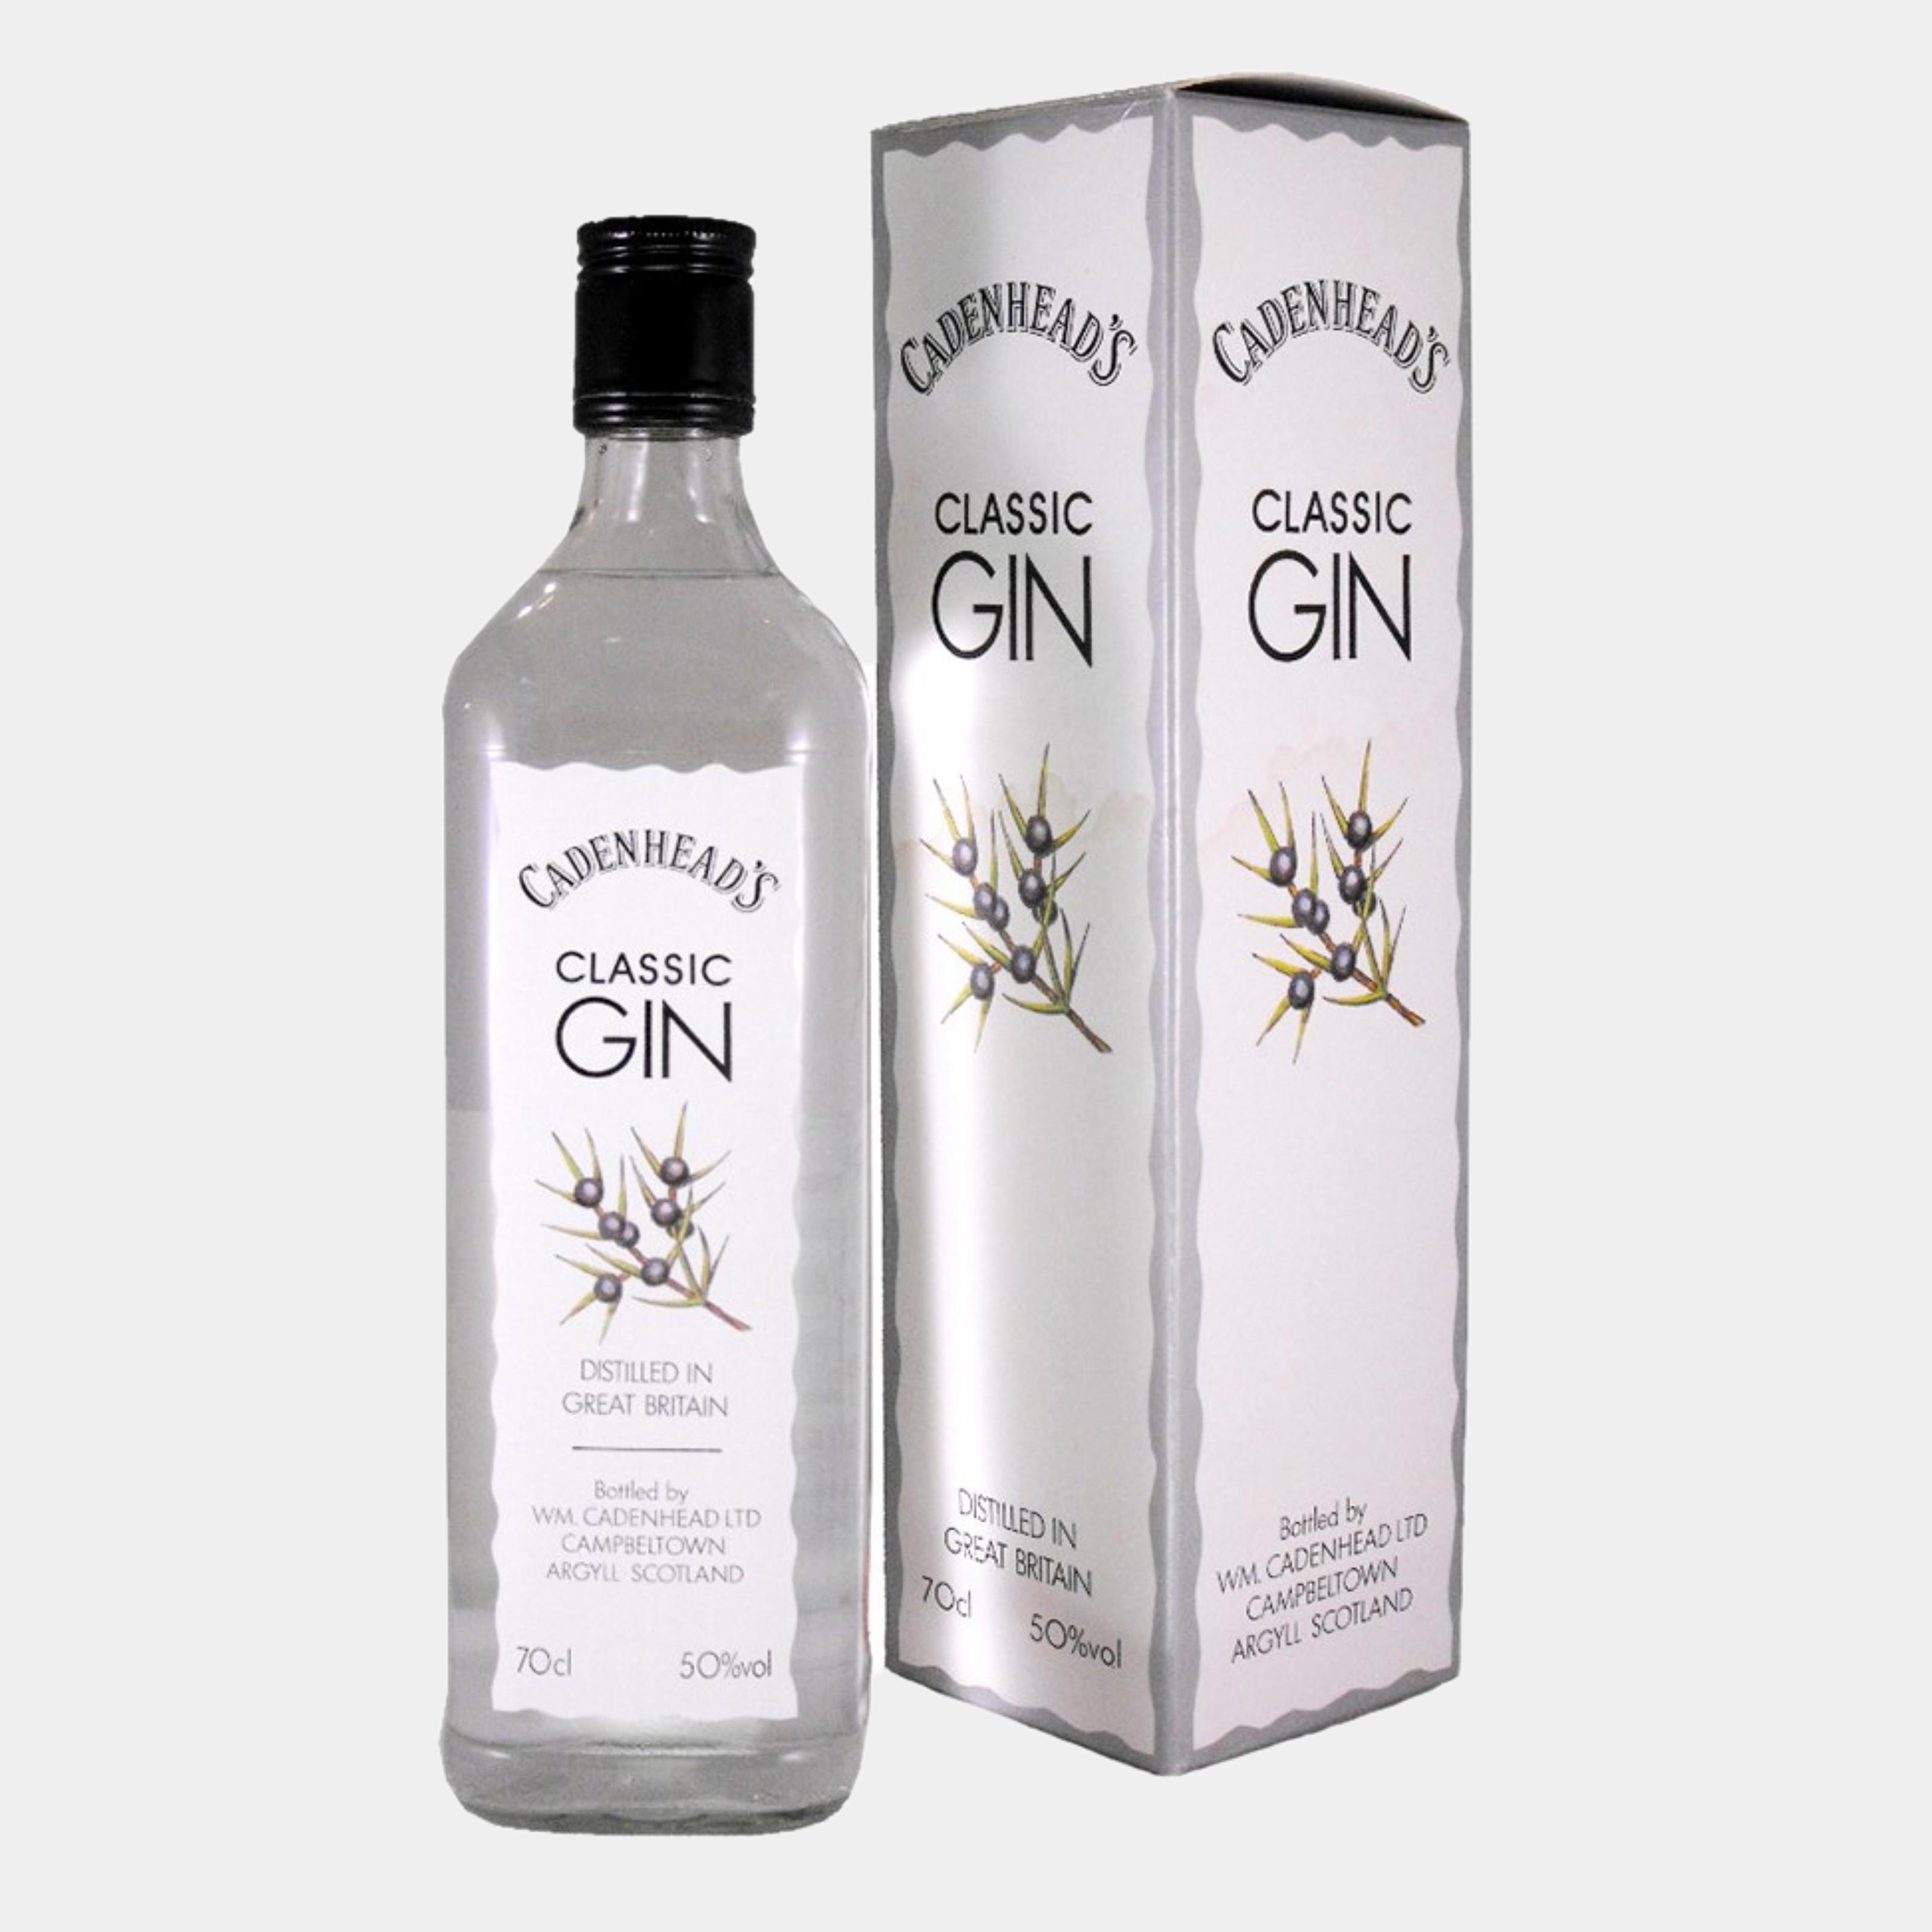 Cadenhead's Classic Gin 0.7L 50% Alk.